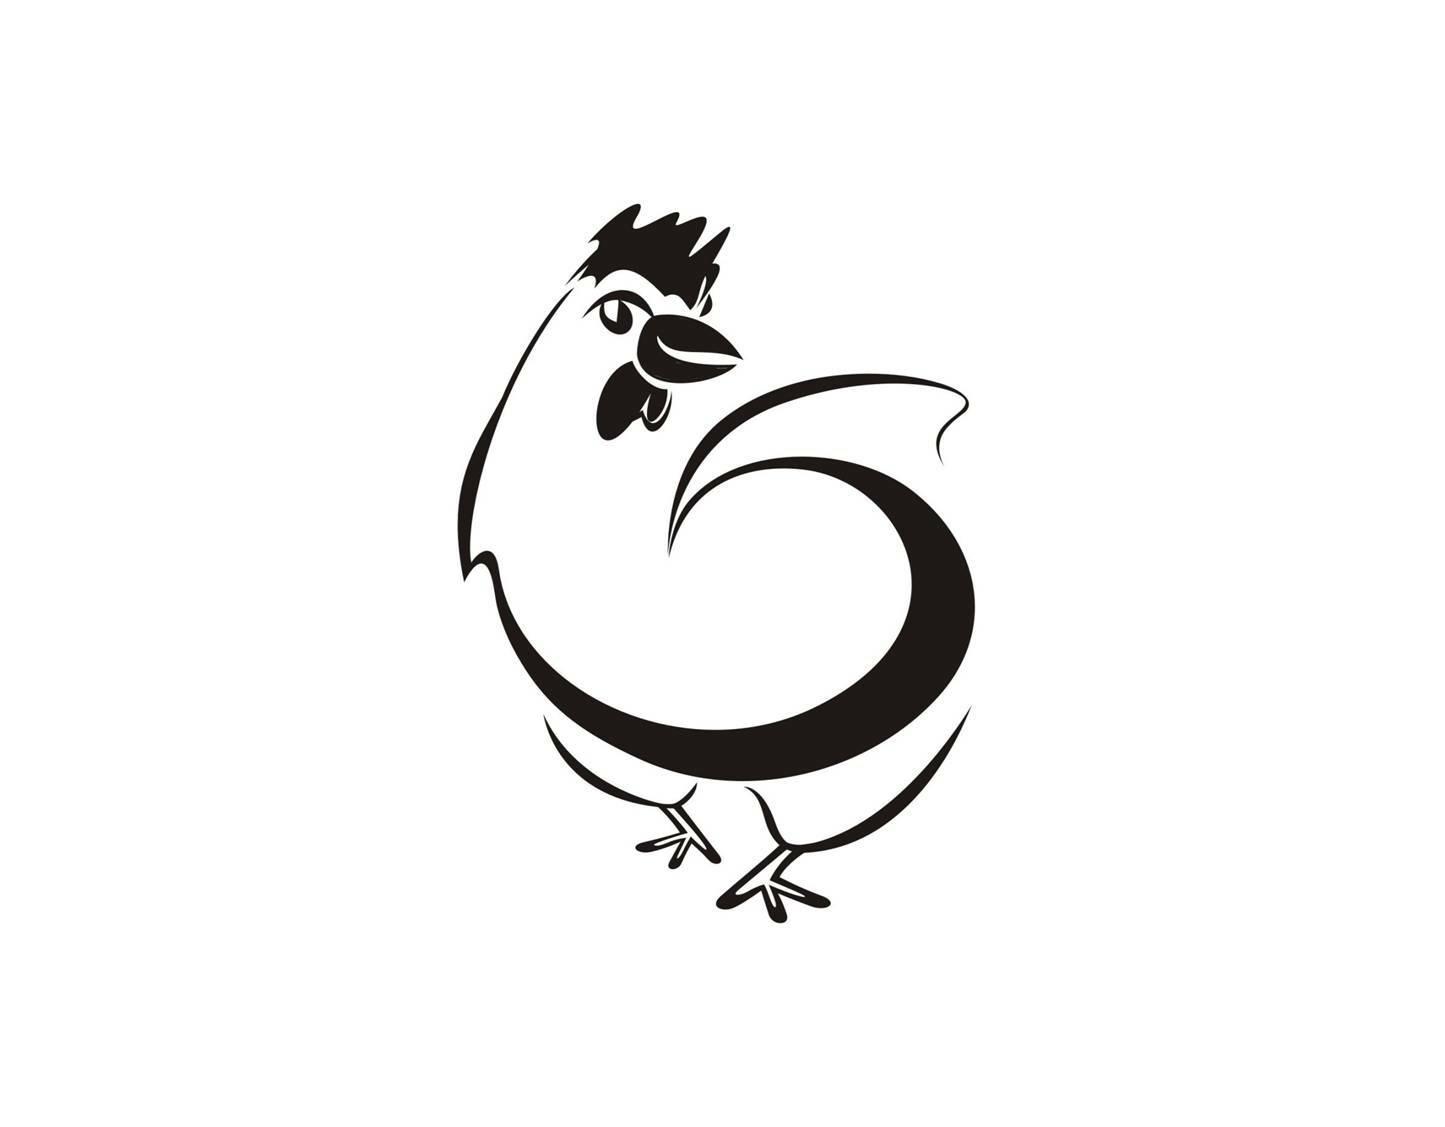 ООО «Санкт-Петербургская куриная компания»